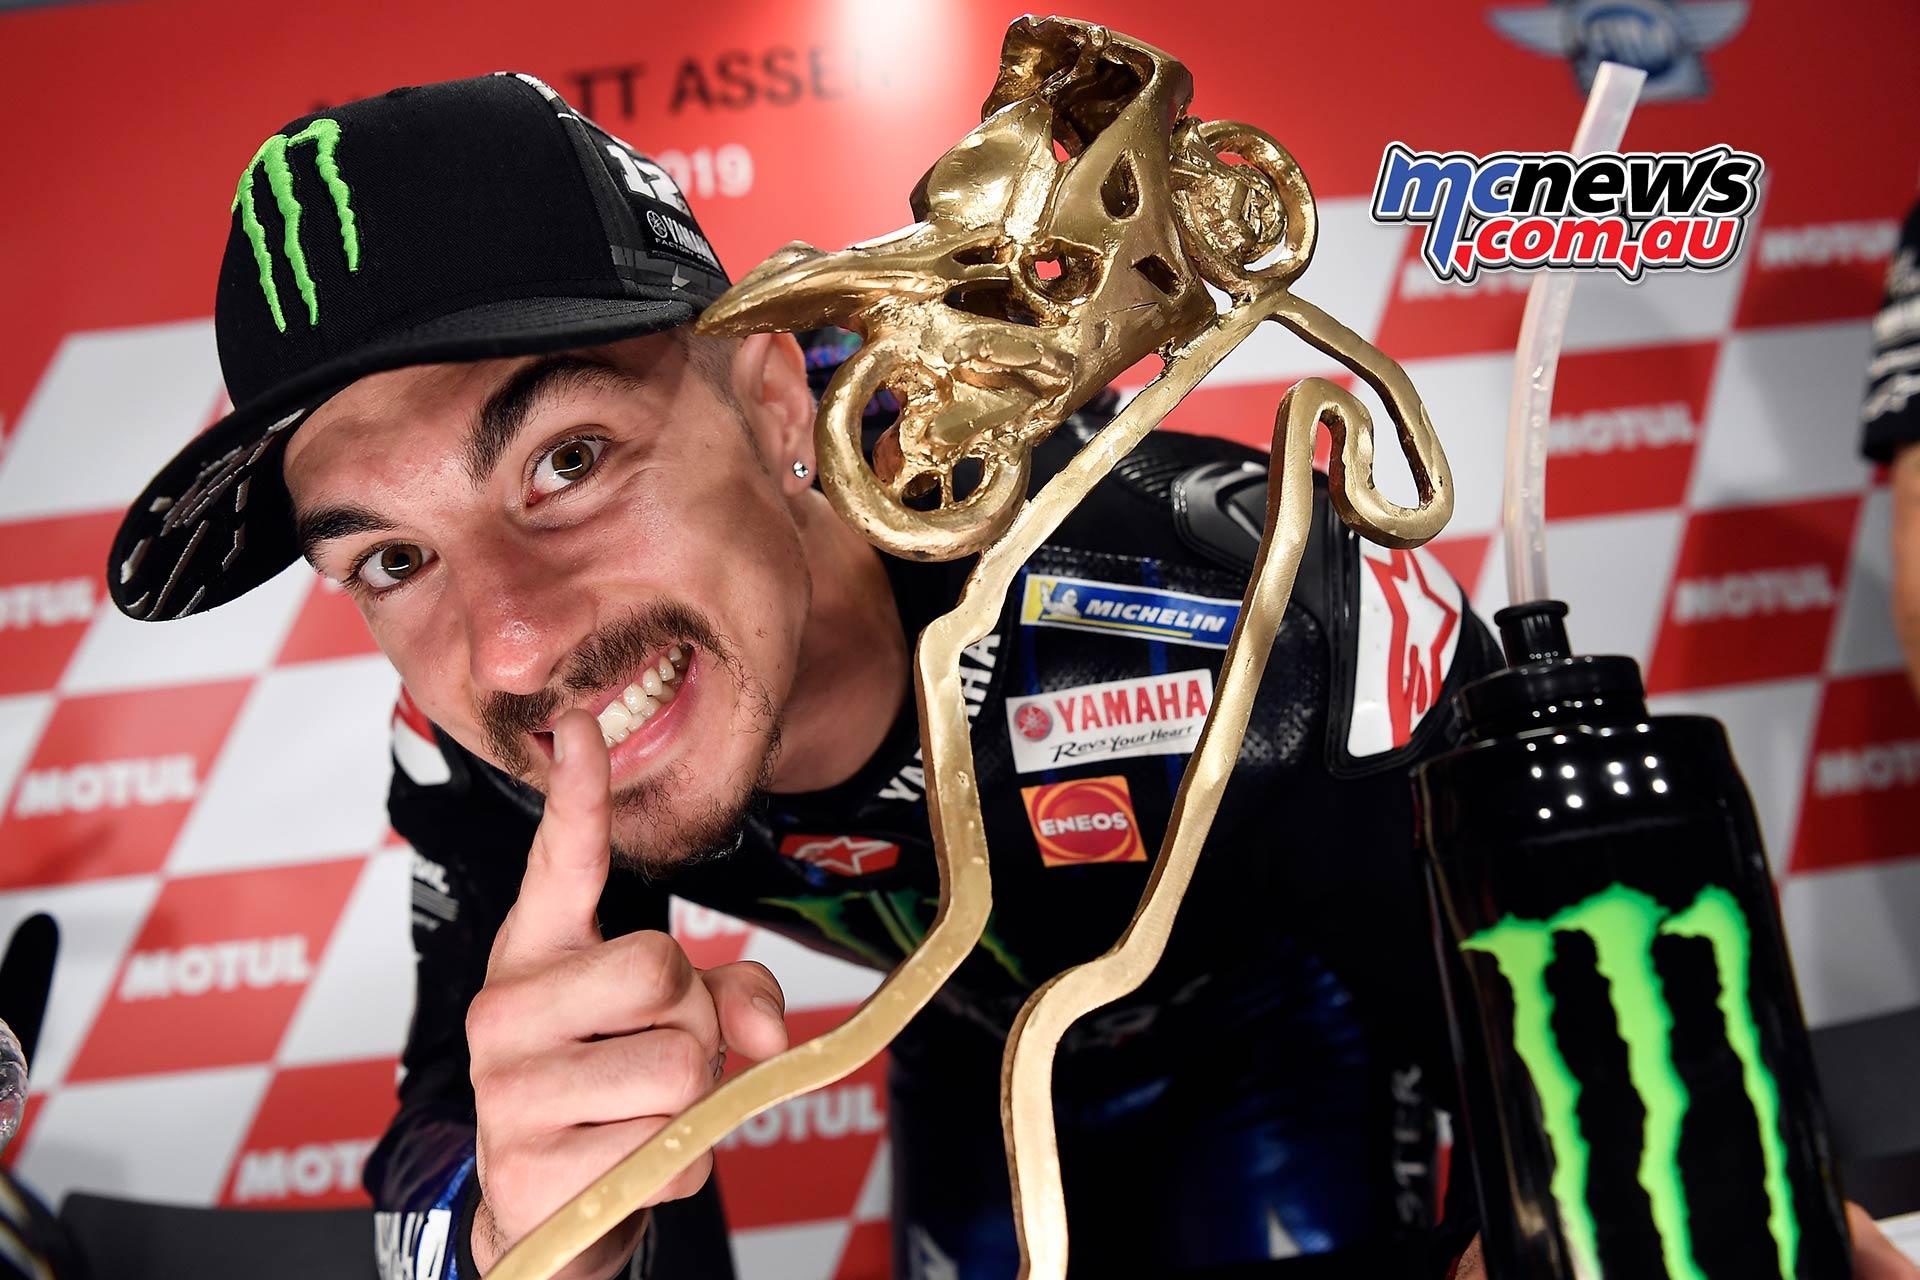 MotoGP Rnd Assen Race Marquez Trophy